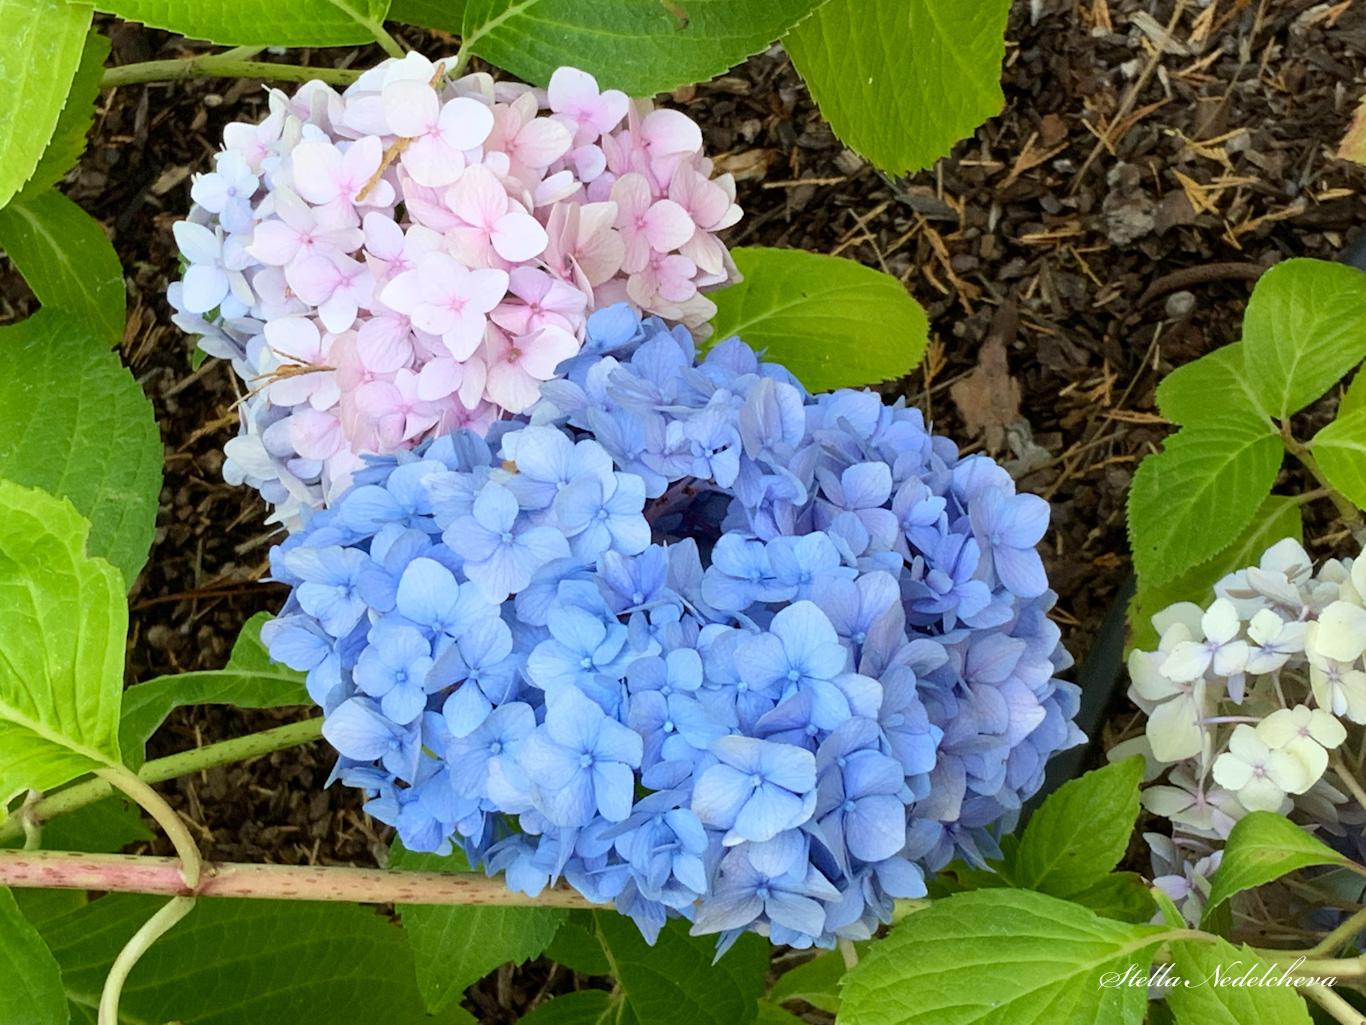 Hortensias roses et bleus